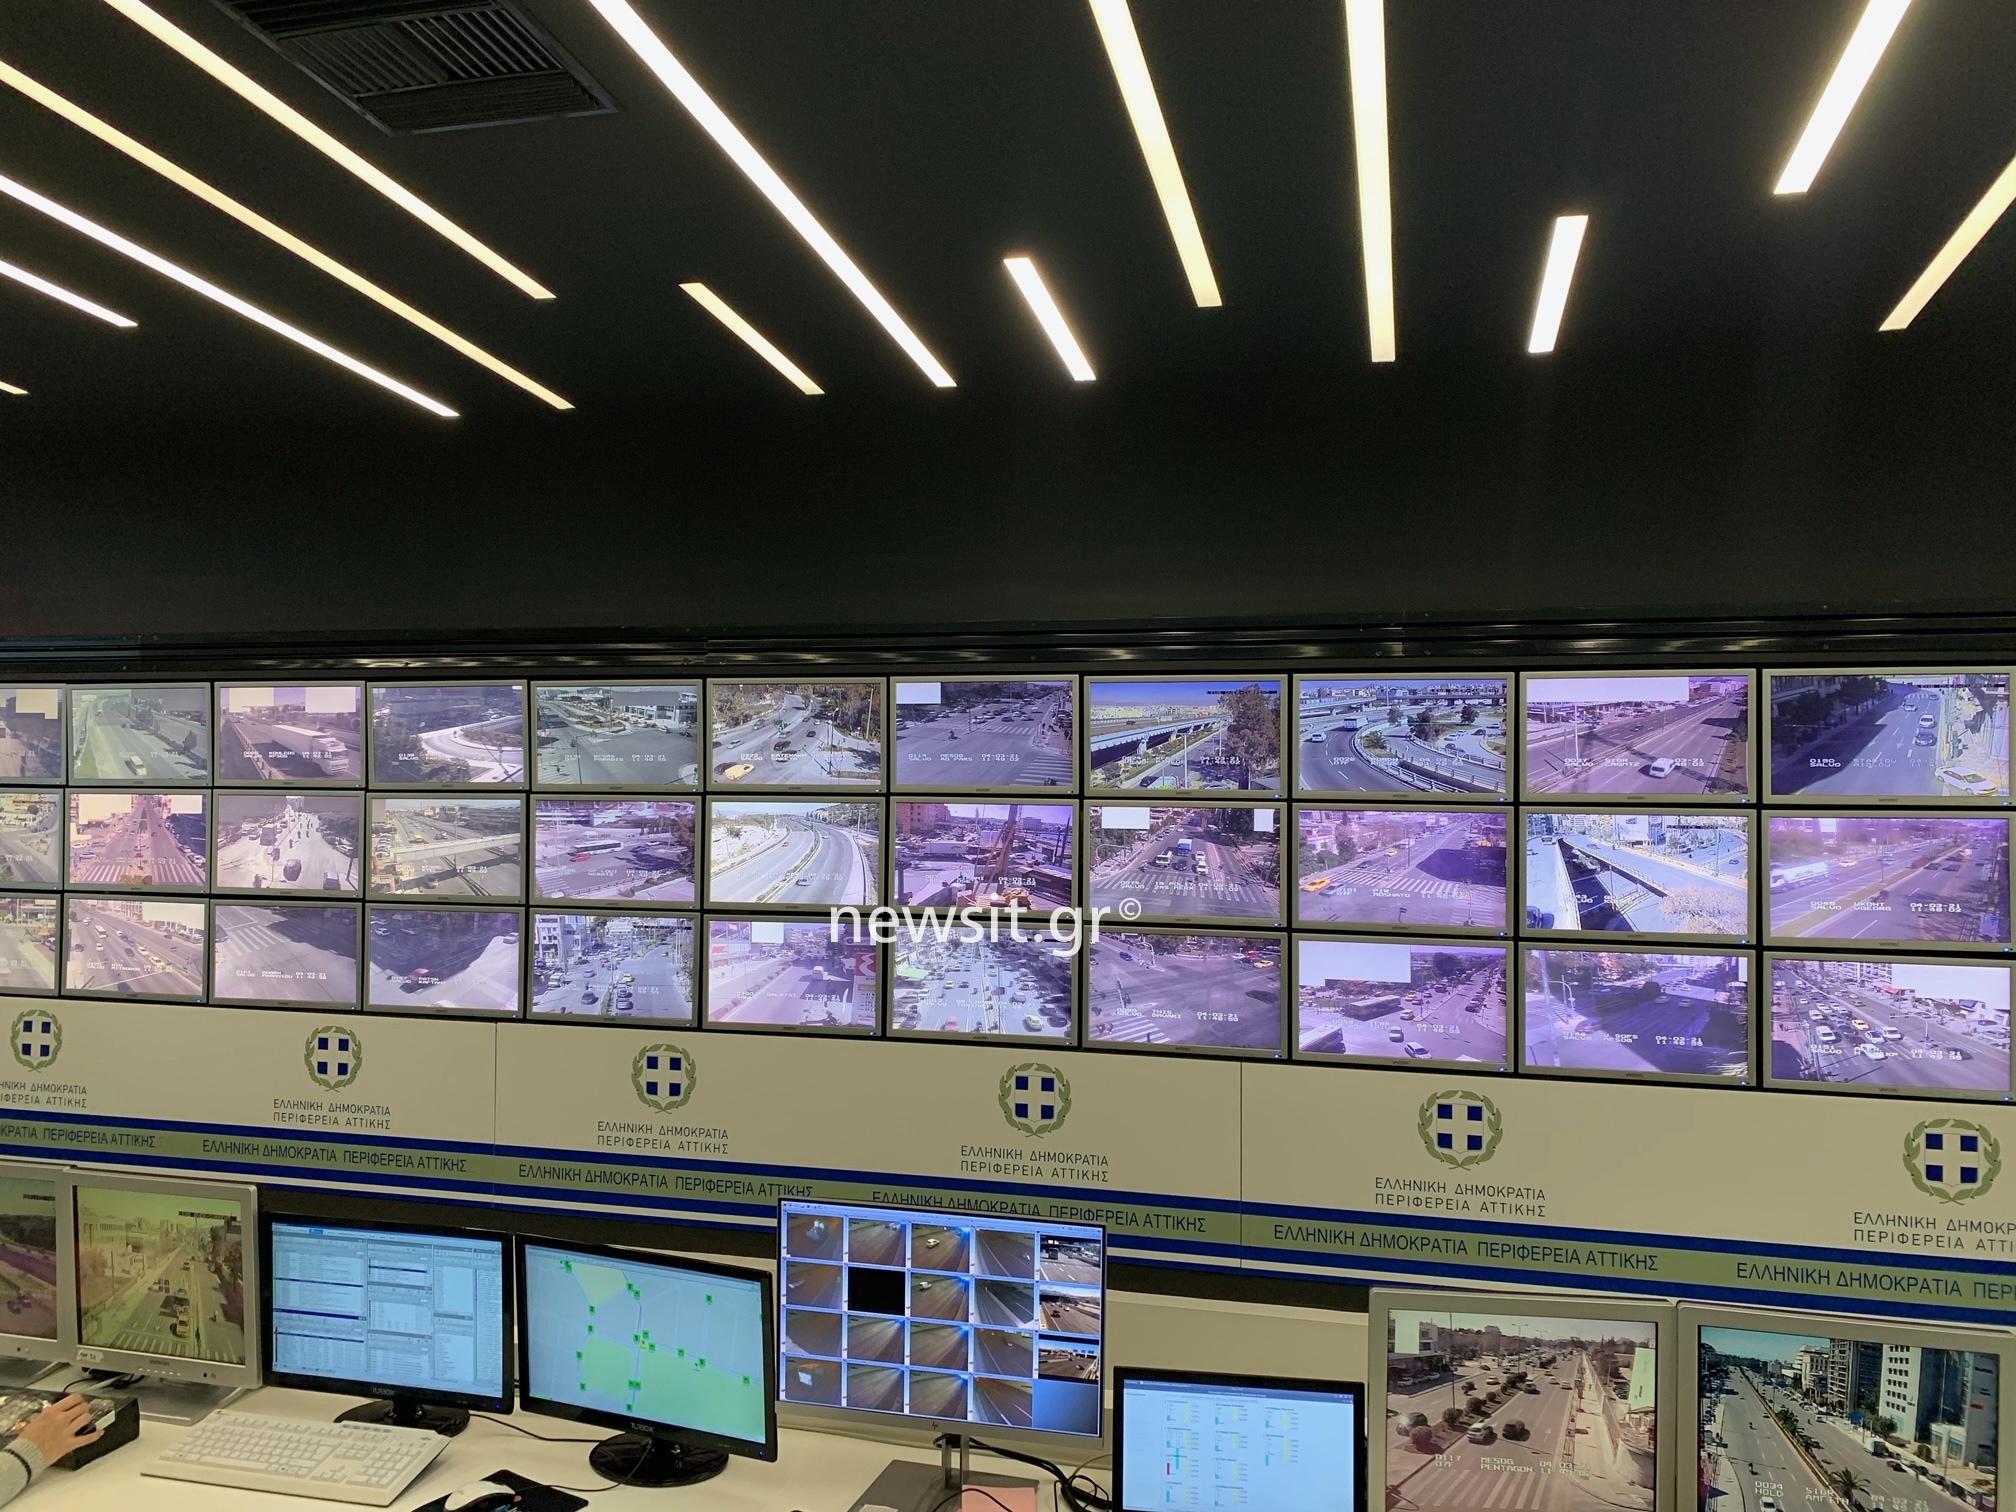 Τo newsit.gr στο Κέντρο Διαχείρισης Κυκλοφορίας – Τι έδειξαν οι κάμερες στους δρόμους της Αττικής